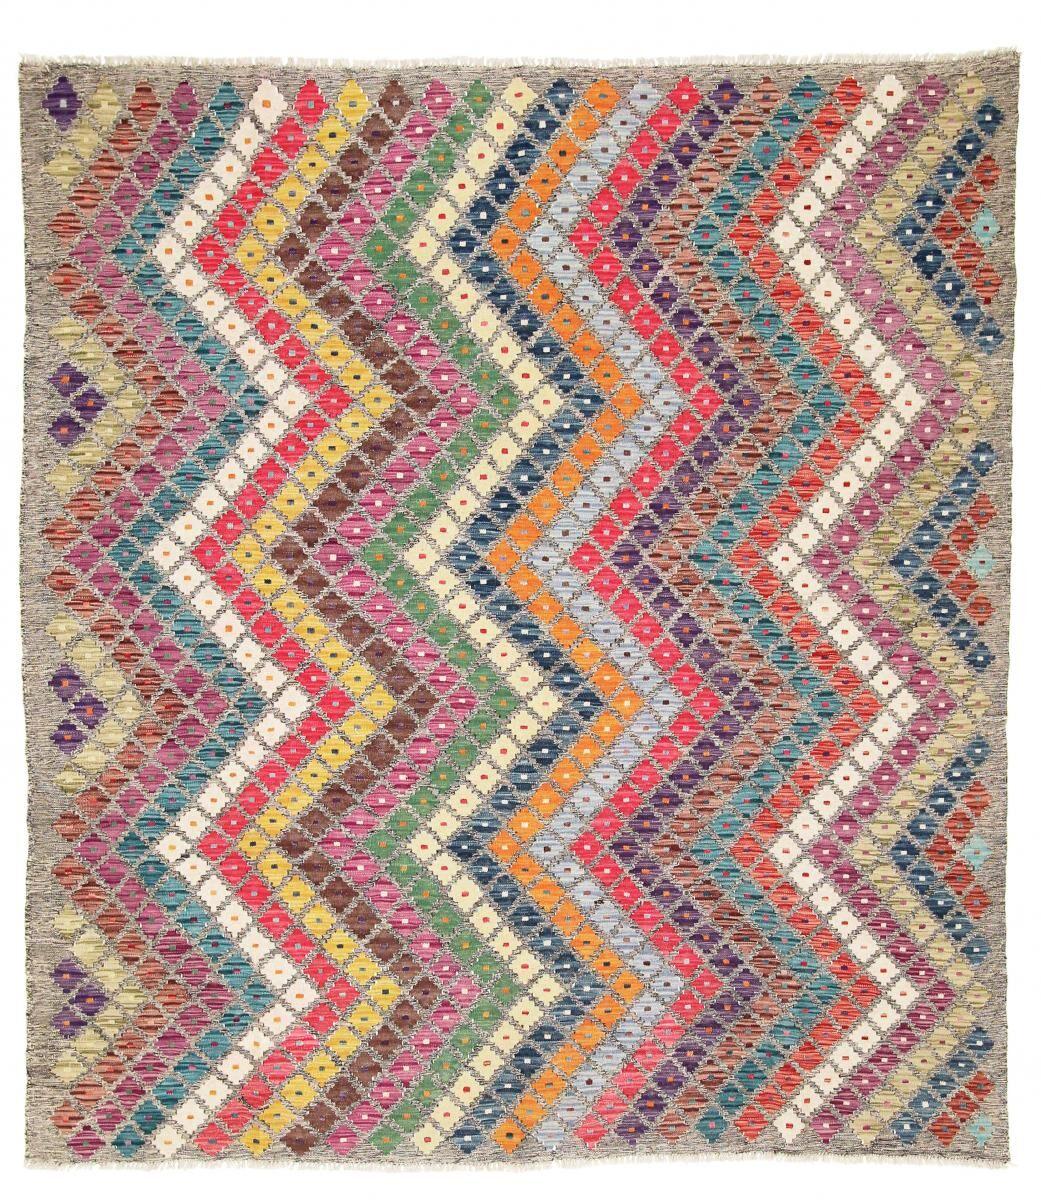 Nain Trading Tapis D'orient Kilim Himalaya 236x214 Beige/Marron Foncé (Afghanistan, Laine, Tissé à la main)